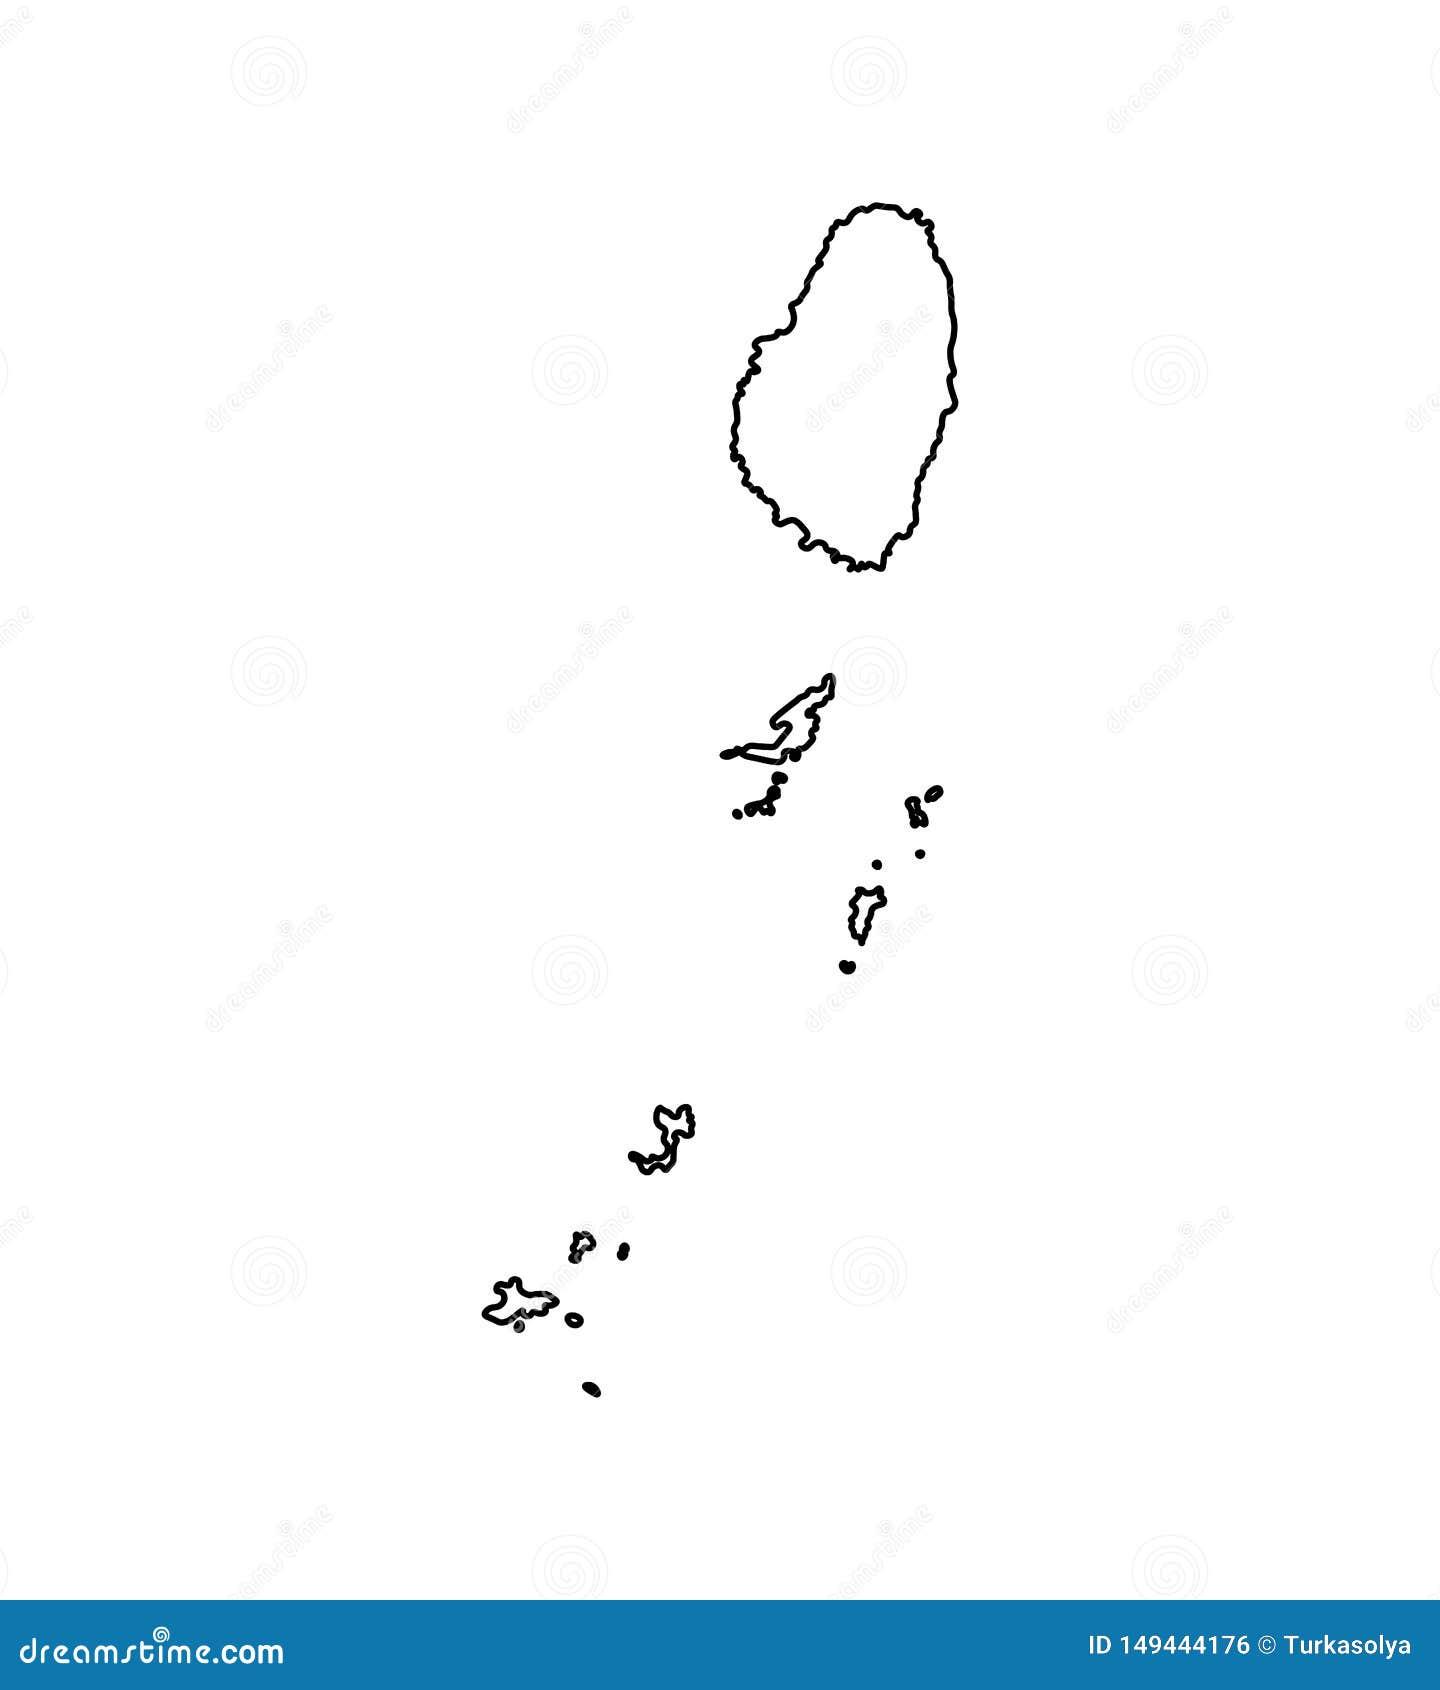 Vektor lokalisierte Illustrationsikone mit schwarzer Linie Schattenbild der vereinfachten Karte von nSaint Vincent und von Grenad